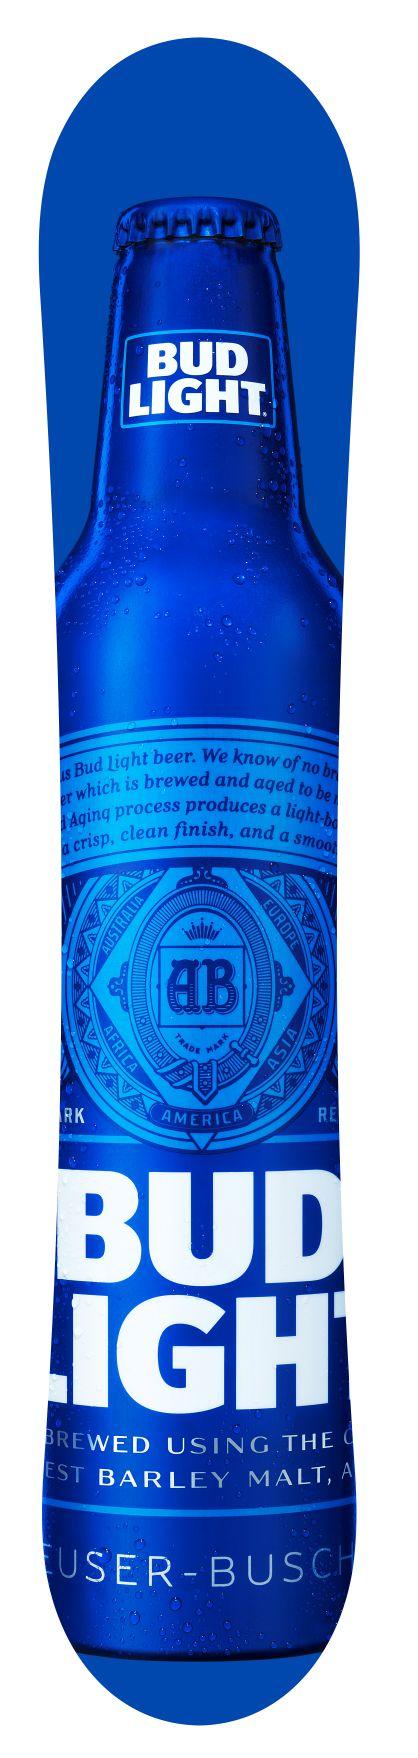 Bud Light Snowboard - Bottle.jpg